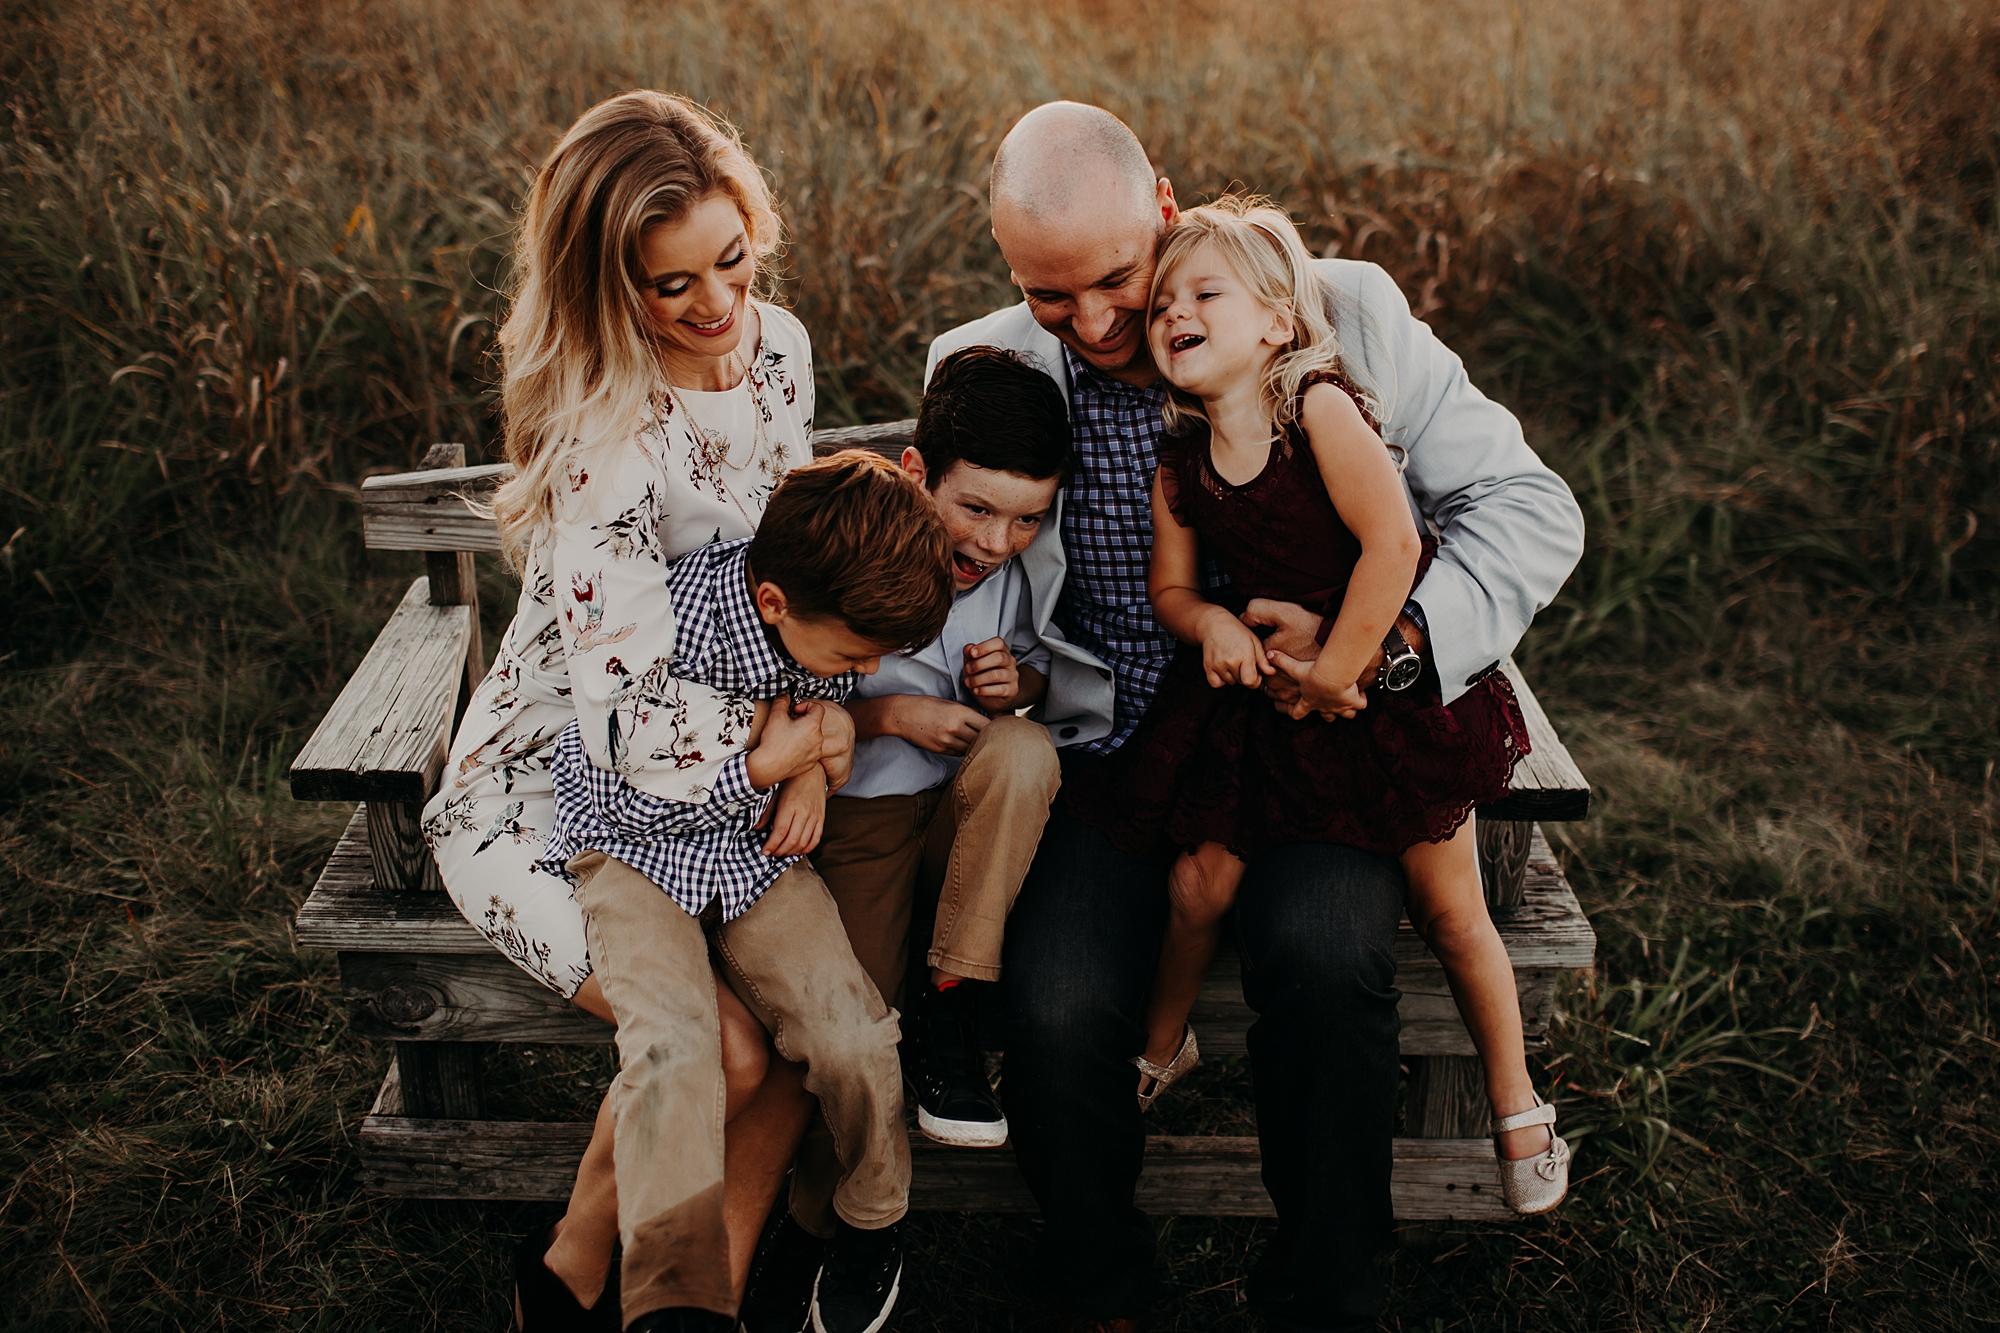 Perkins-San-Antonio-Family-Photographer-49_WEB.jpg